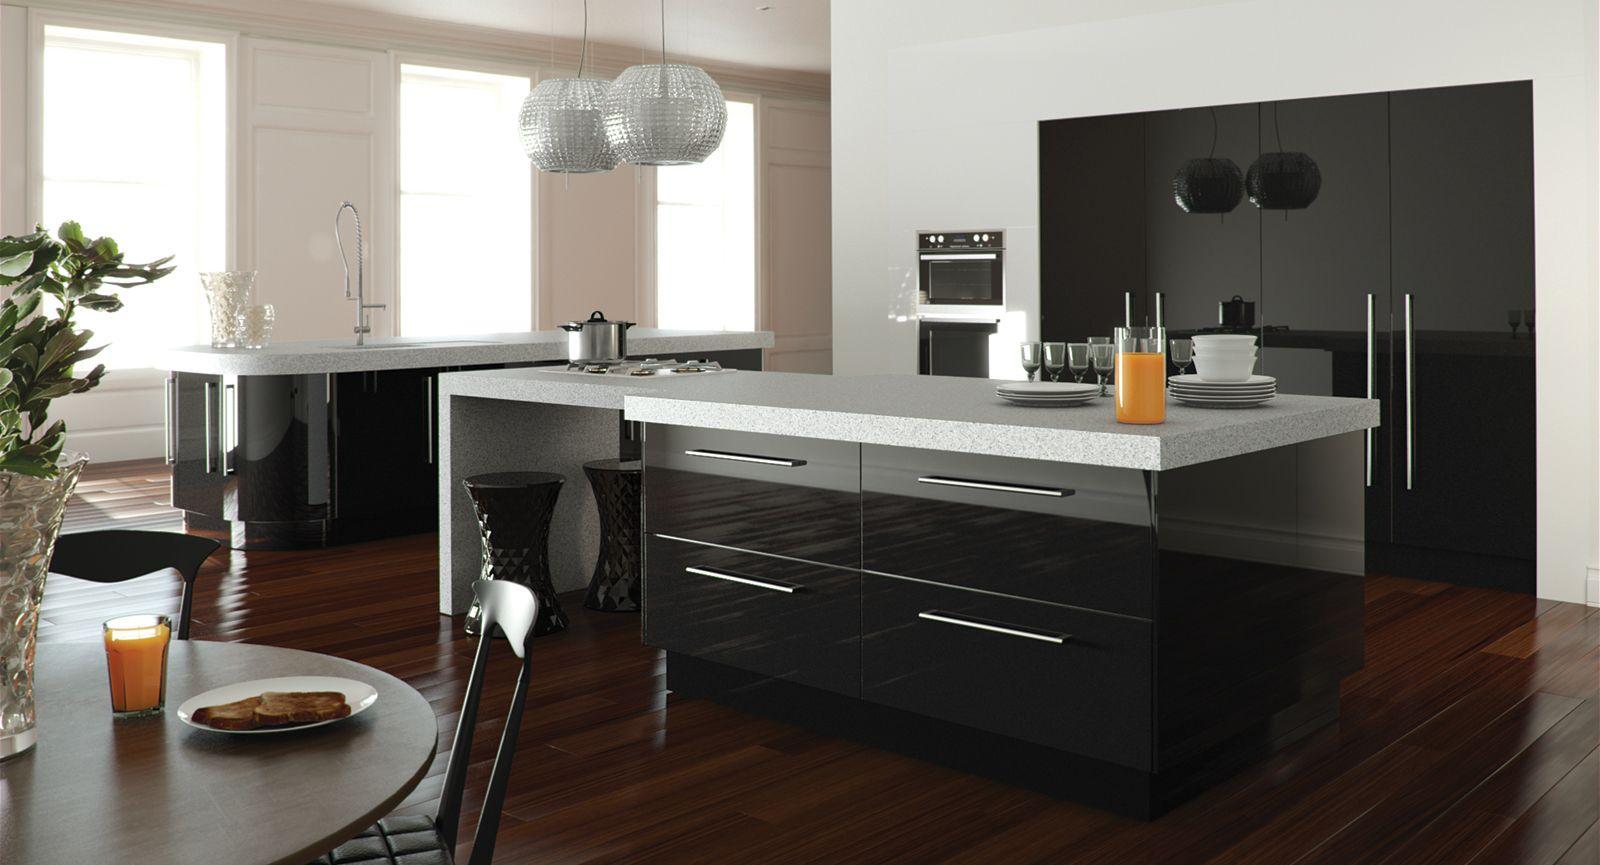 Black Gloss Kitchen Black Gloss Kitchen Pictures House Decor